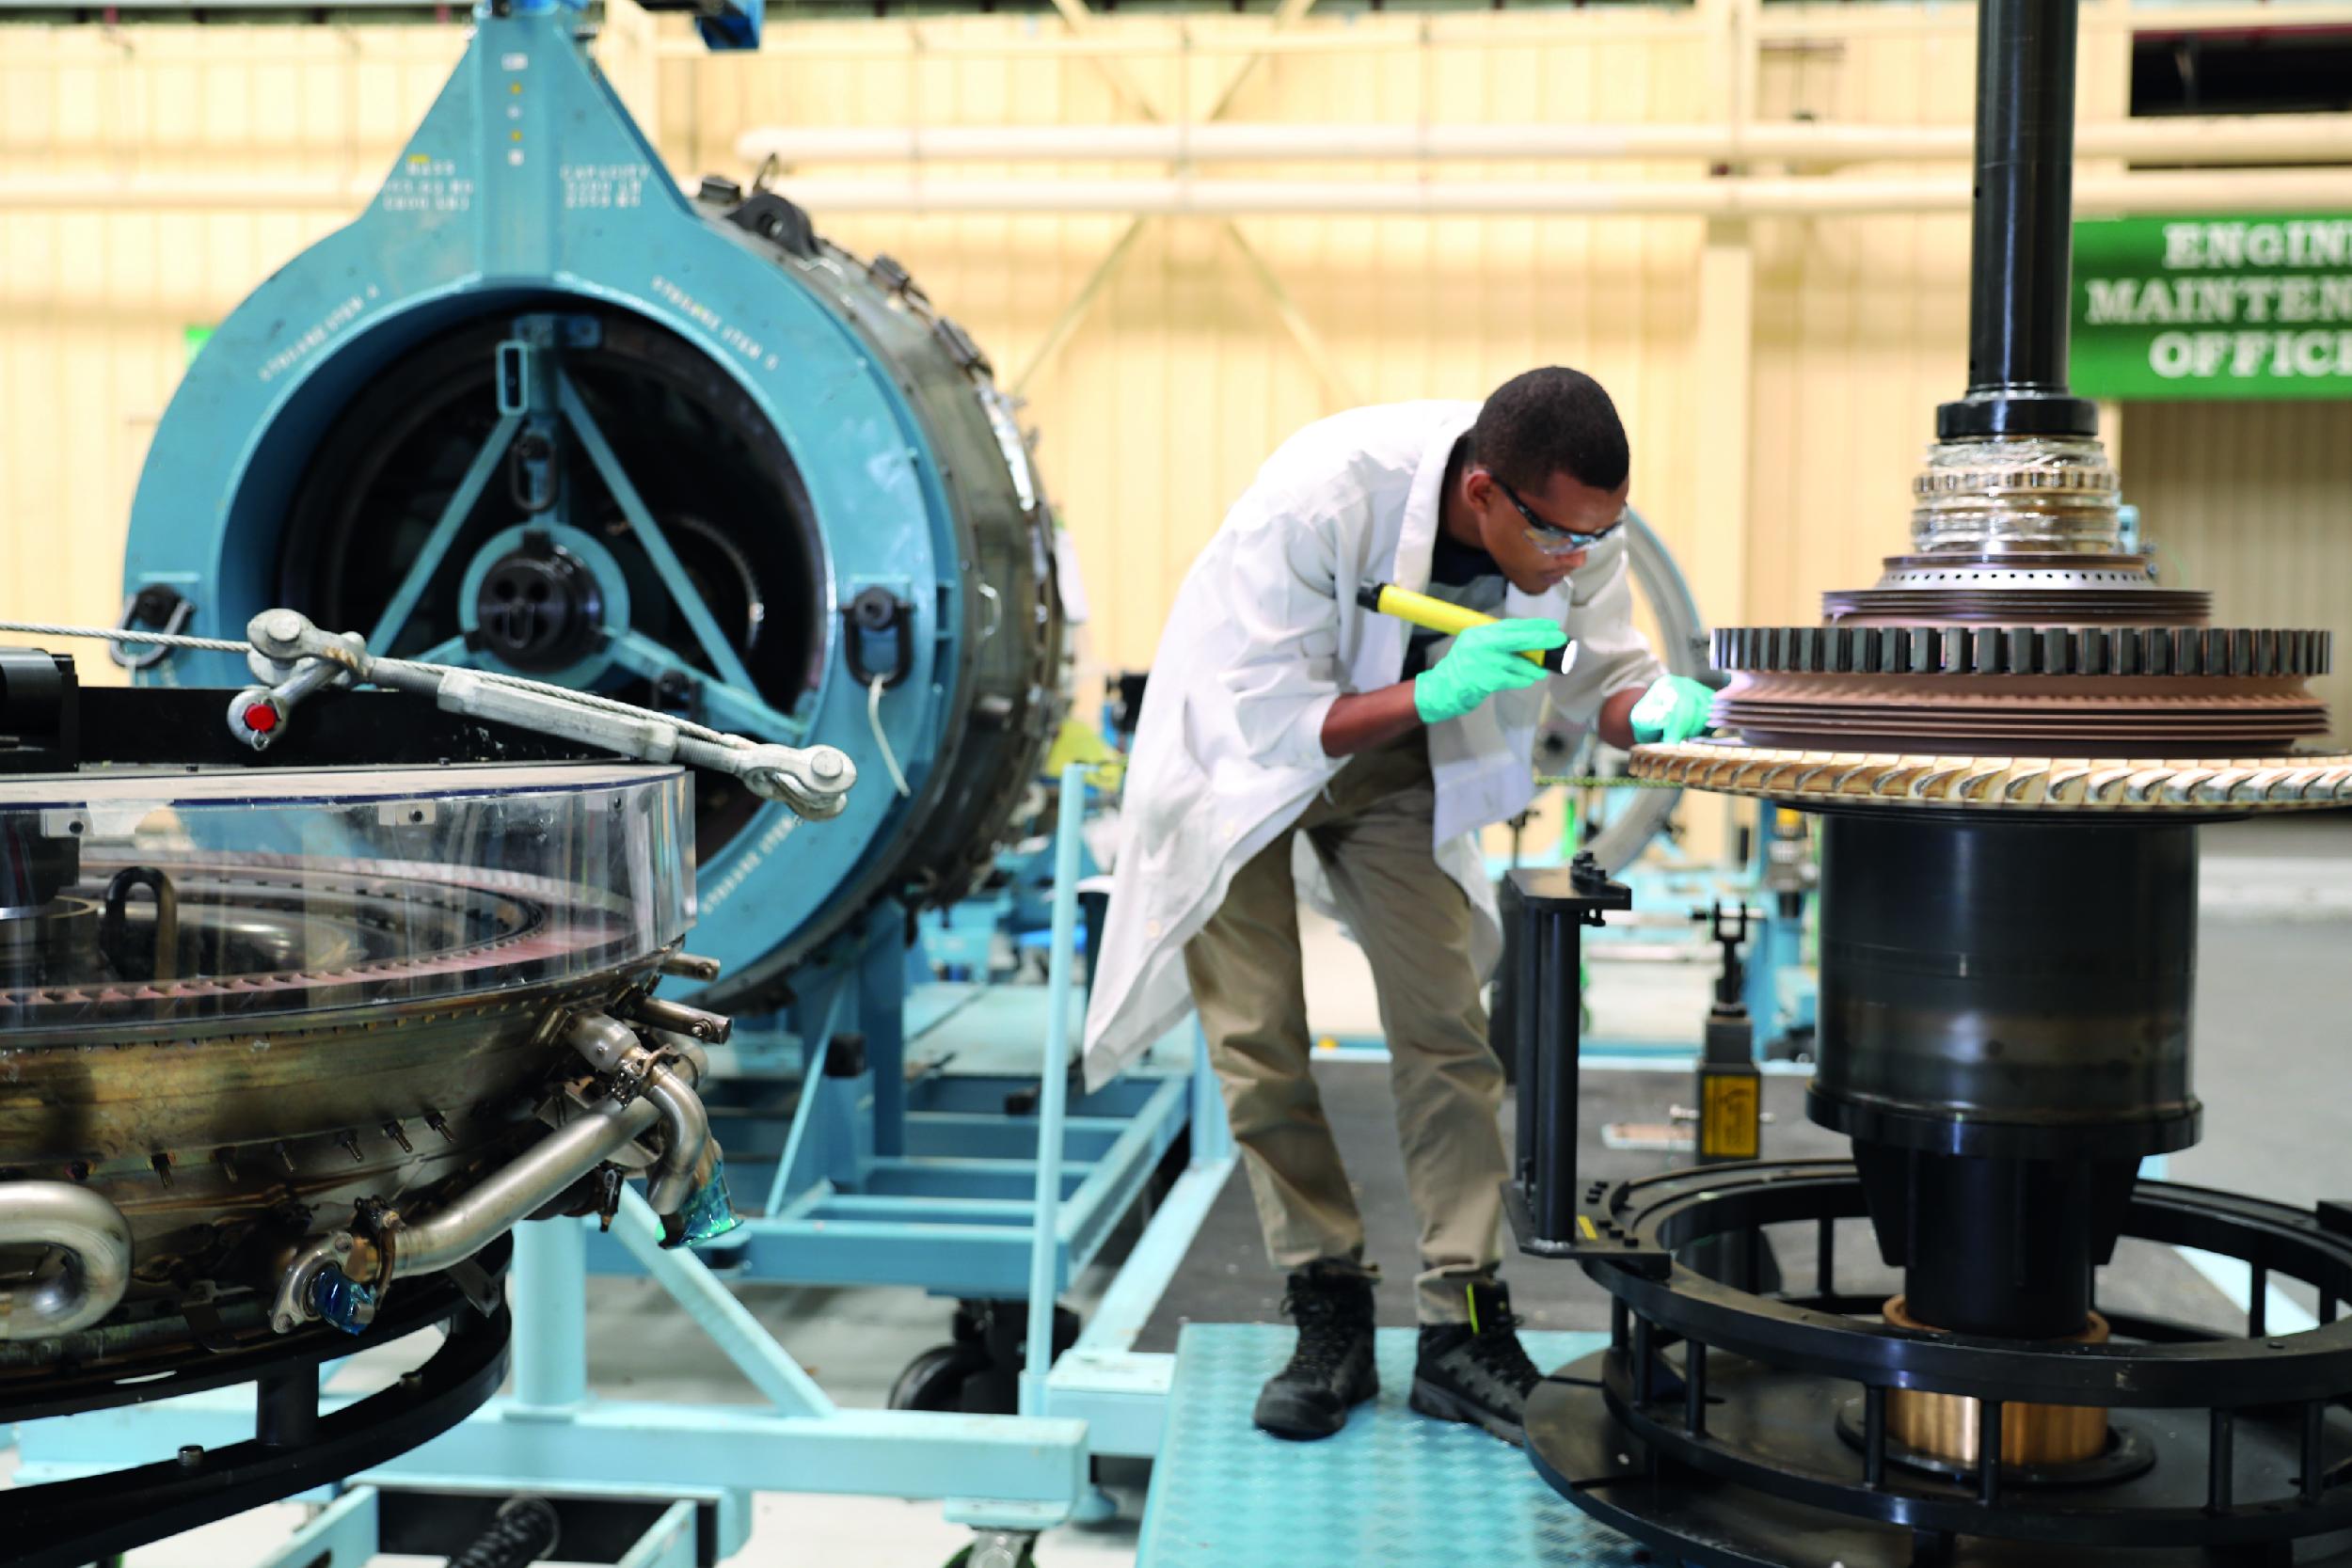 Ethiopian Pioneers 1st GEnx Engine Repair in Africa